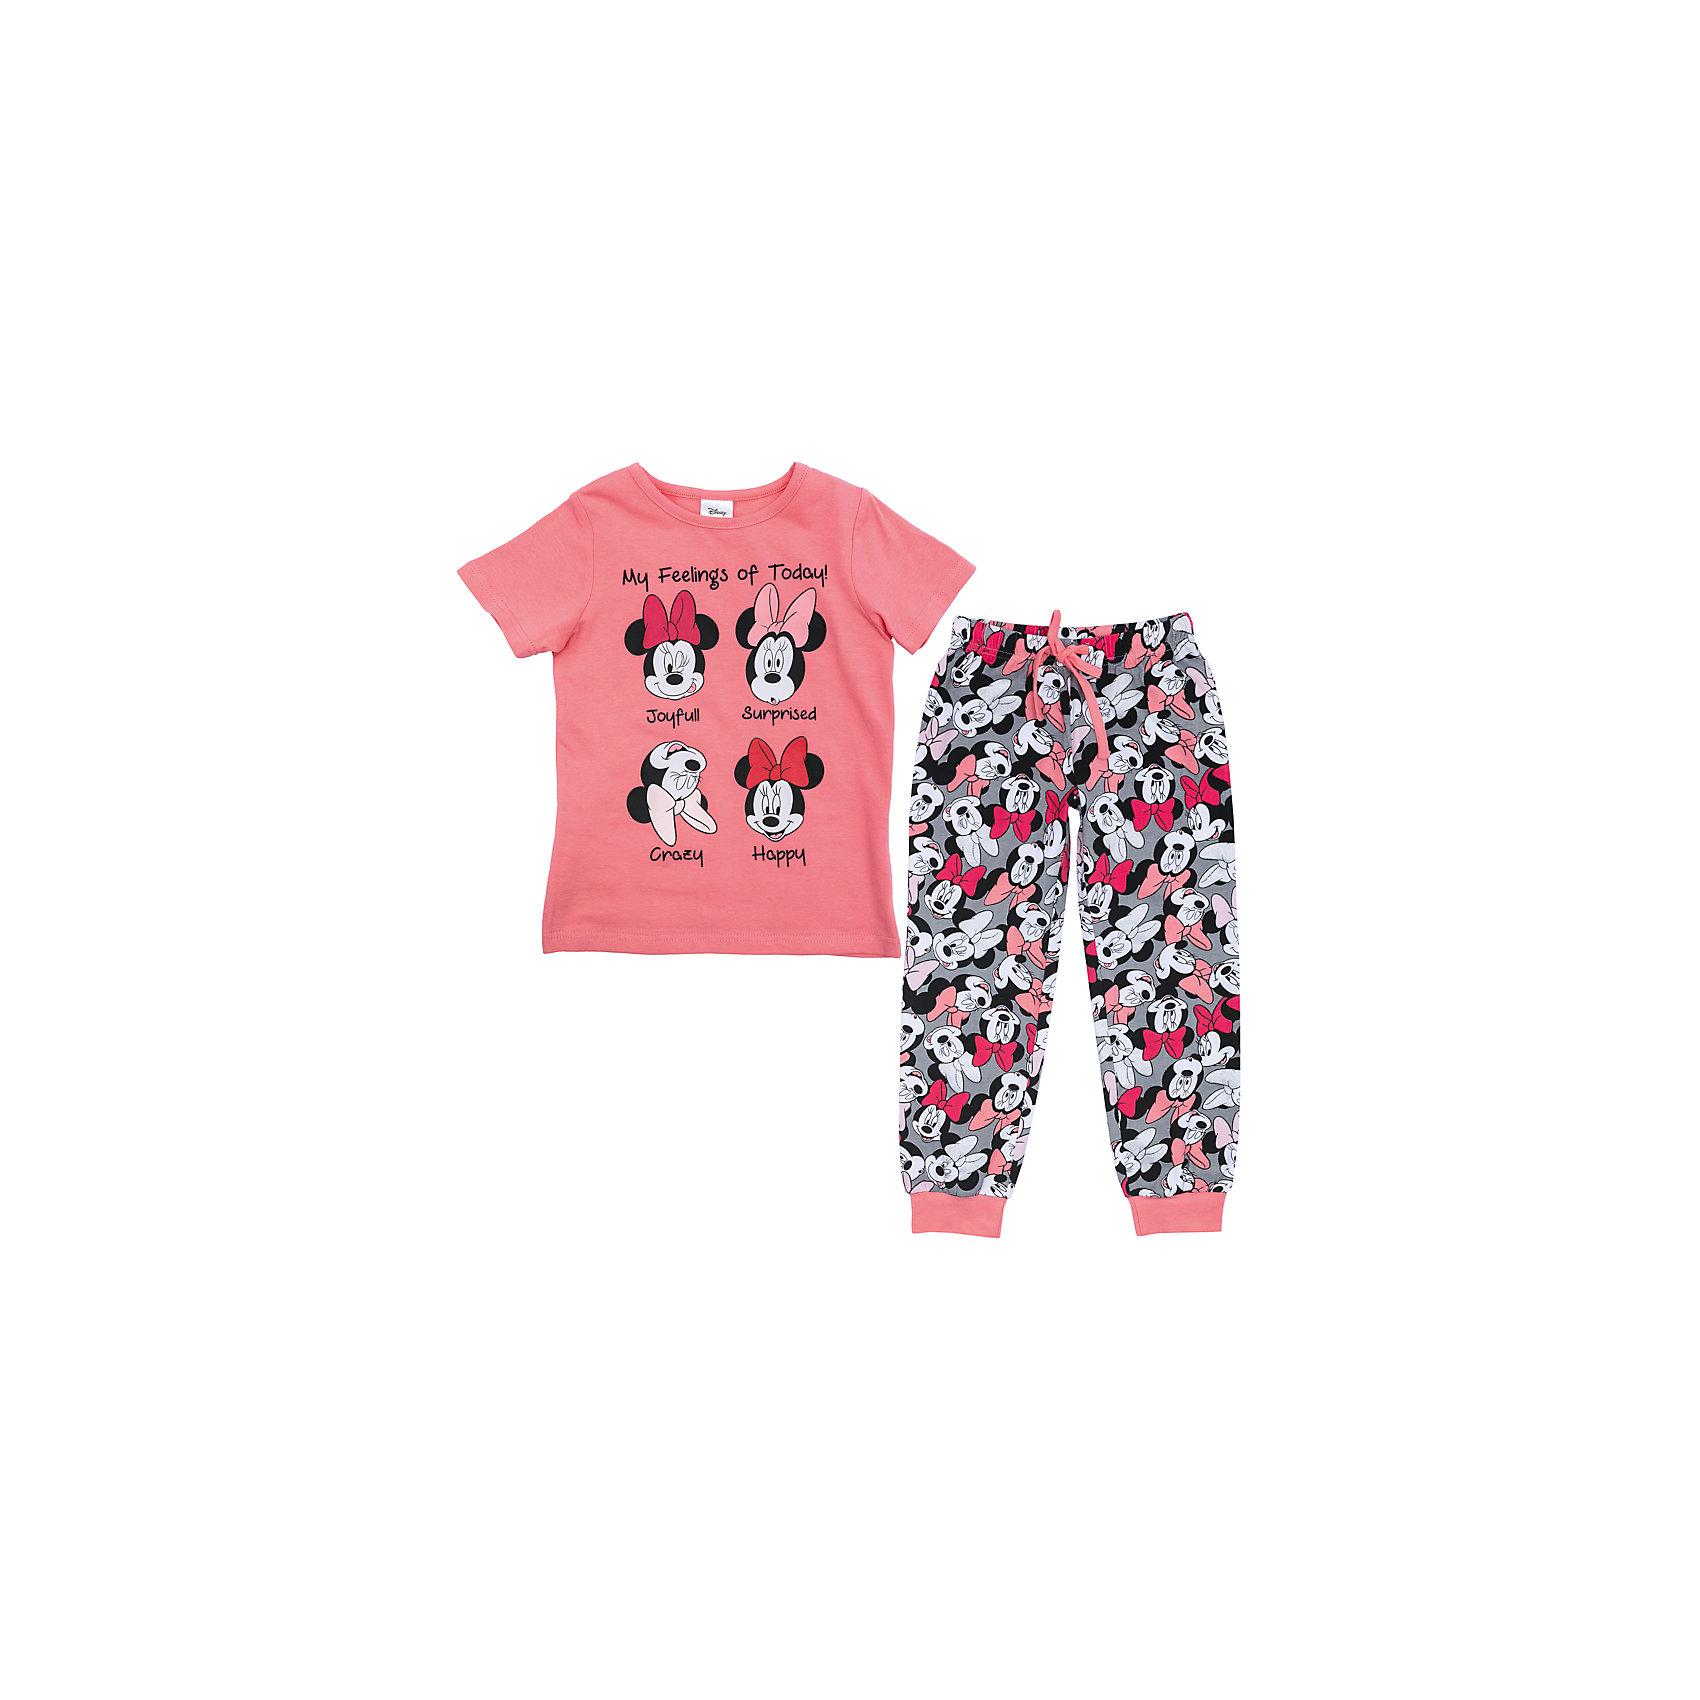 Пижама для девочки PlayTodayПижамы и сорочки<br>Пижама для девочки PlayToday<br>Комплект из футболки и брюк прекрасно подойдет для домашнего использования. Мягкий, приятный к телу, материал не сковывает движений. Яркий стильный лицензированный принт Disney  является достойным украшением данного изделия. Леггинсы на мягкой удобной резинке, со шнуром - кулиской на поясе.Преимущества: Свободный классический крой не сковывает движения ребенкаПодходит в качестве базовой вещи для повседневного гардеробаЯркий стильный лицензированный принт Disney<br>Состав:<br>95% хлопок, 5% эластан<br><br>Ширина мм: 199<br>Глубина мм: 10<br>Высота мм: 161<br>Вес г: 151<br>Цвет: разноцветный<br>Возраст от месяцев: 60<br>Возраст до месяцев: 72<br>Пол: Женский<br>Возраст: Детский<br>Размер: 110,116,122,128,98,104<br>SKU: 5403977